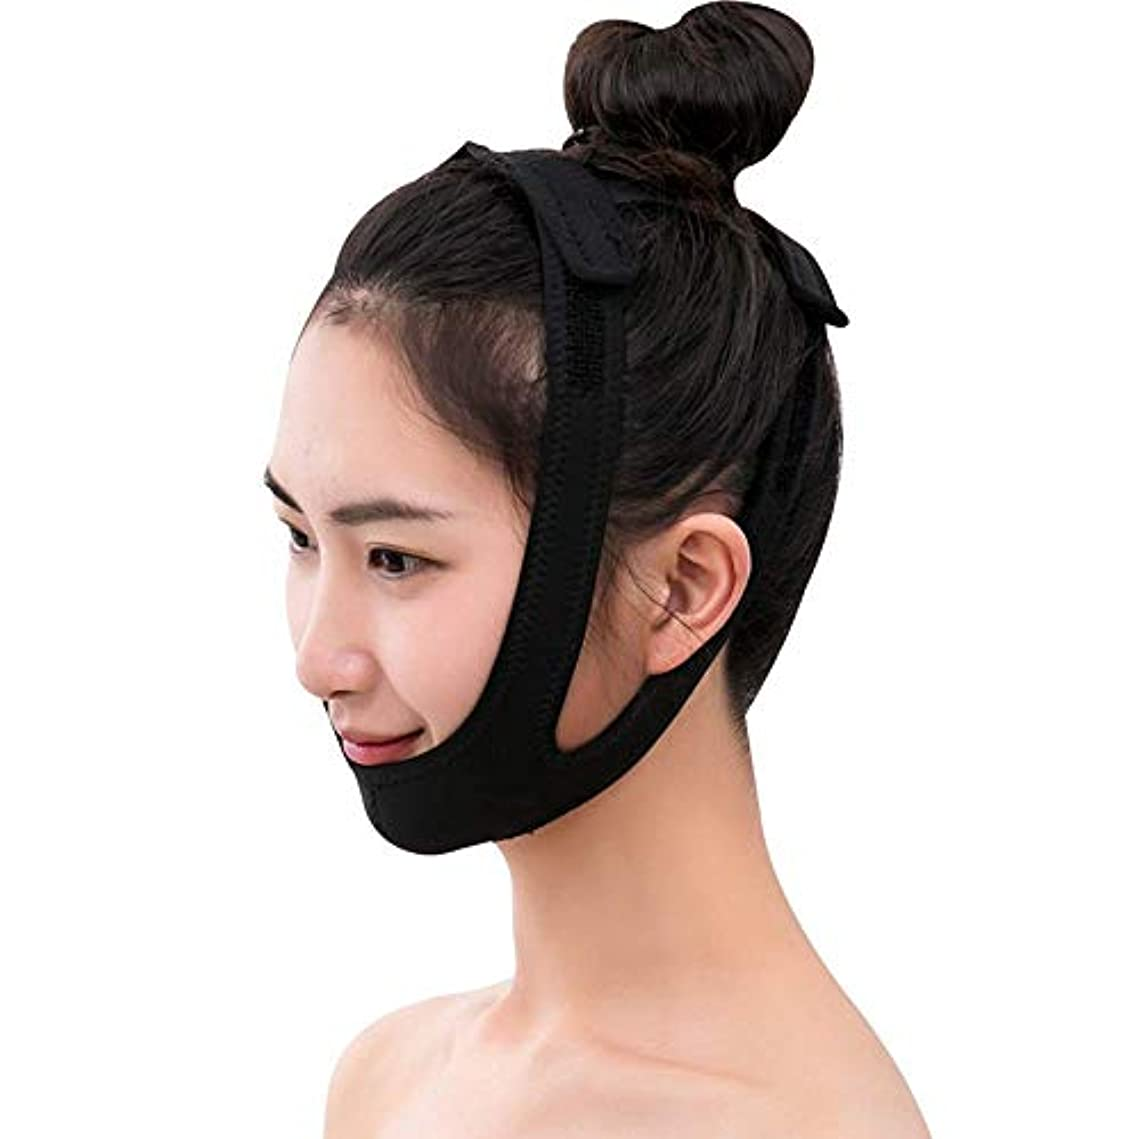 自治的検索テセウス薄い顔のバンド薄い顔の包帯の美の器械の顔の上昇の睡眠のマスクは法律Vのマスクを通気性にするために